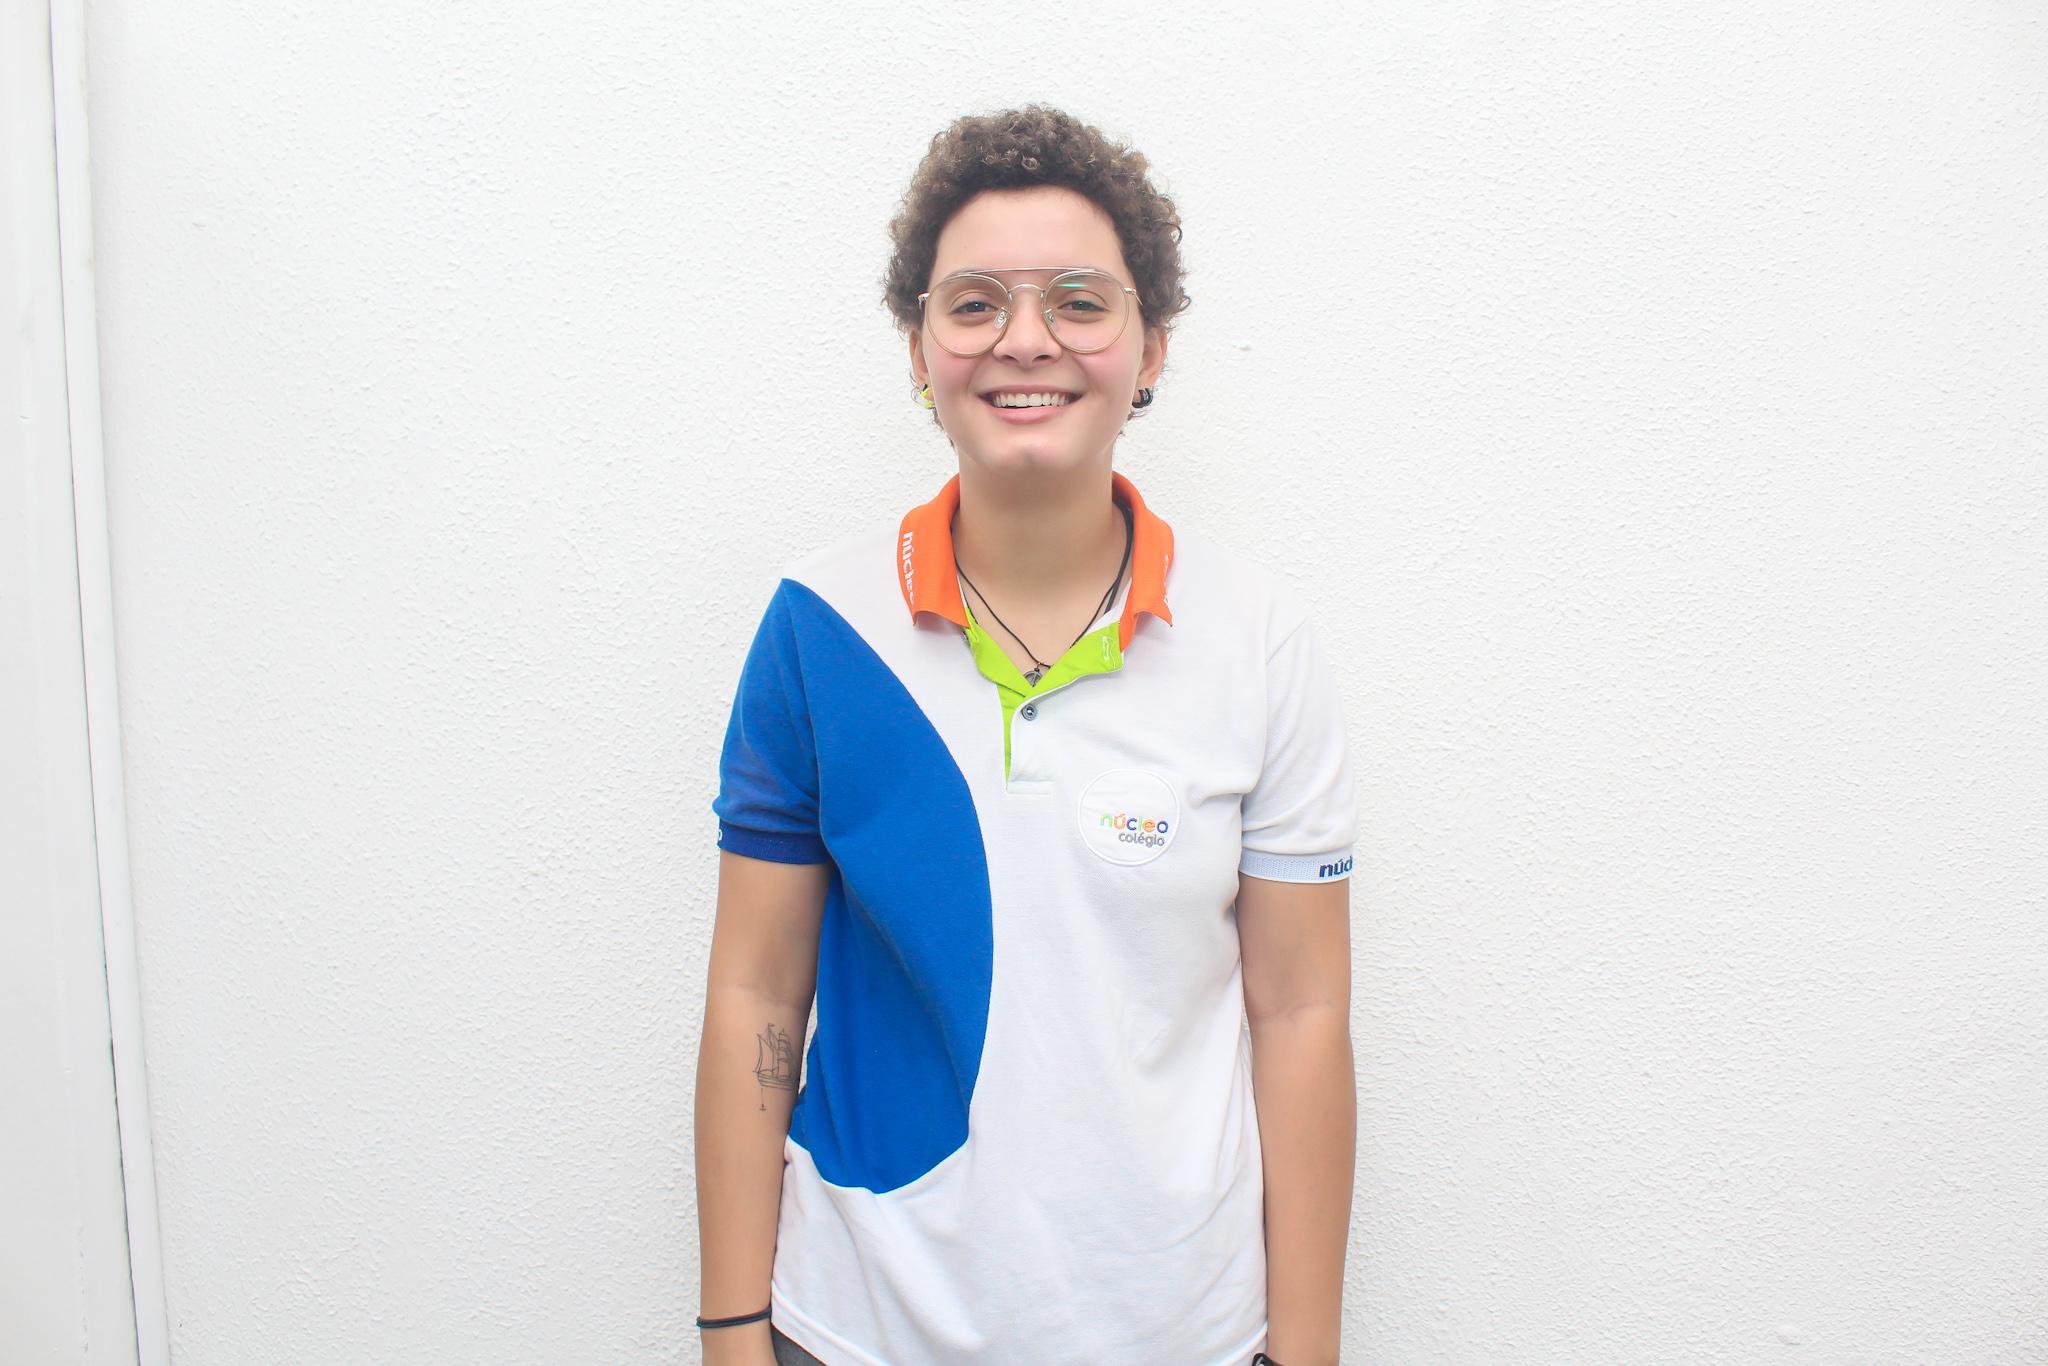 (A estudante Elise Albuquerque, 18, fez parte do Clube de Simulação ONU e foi uma das delegadas do estado de Pernambuco na fase nacional da competição. Foto: Núcleo/Divulgação)